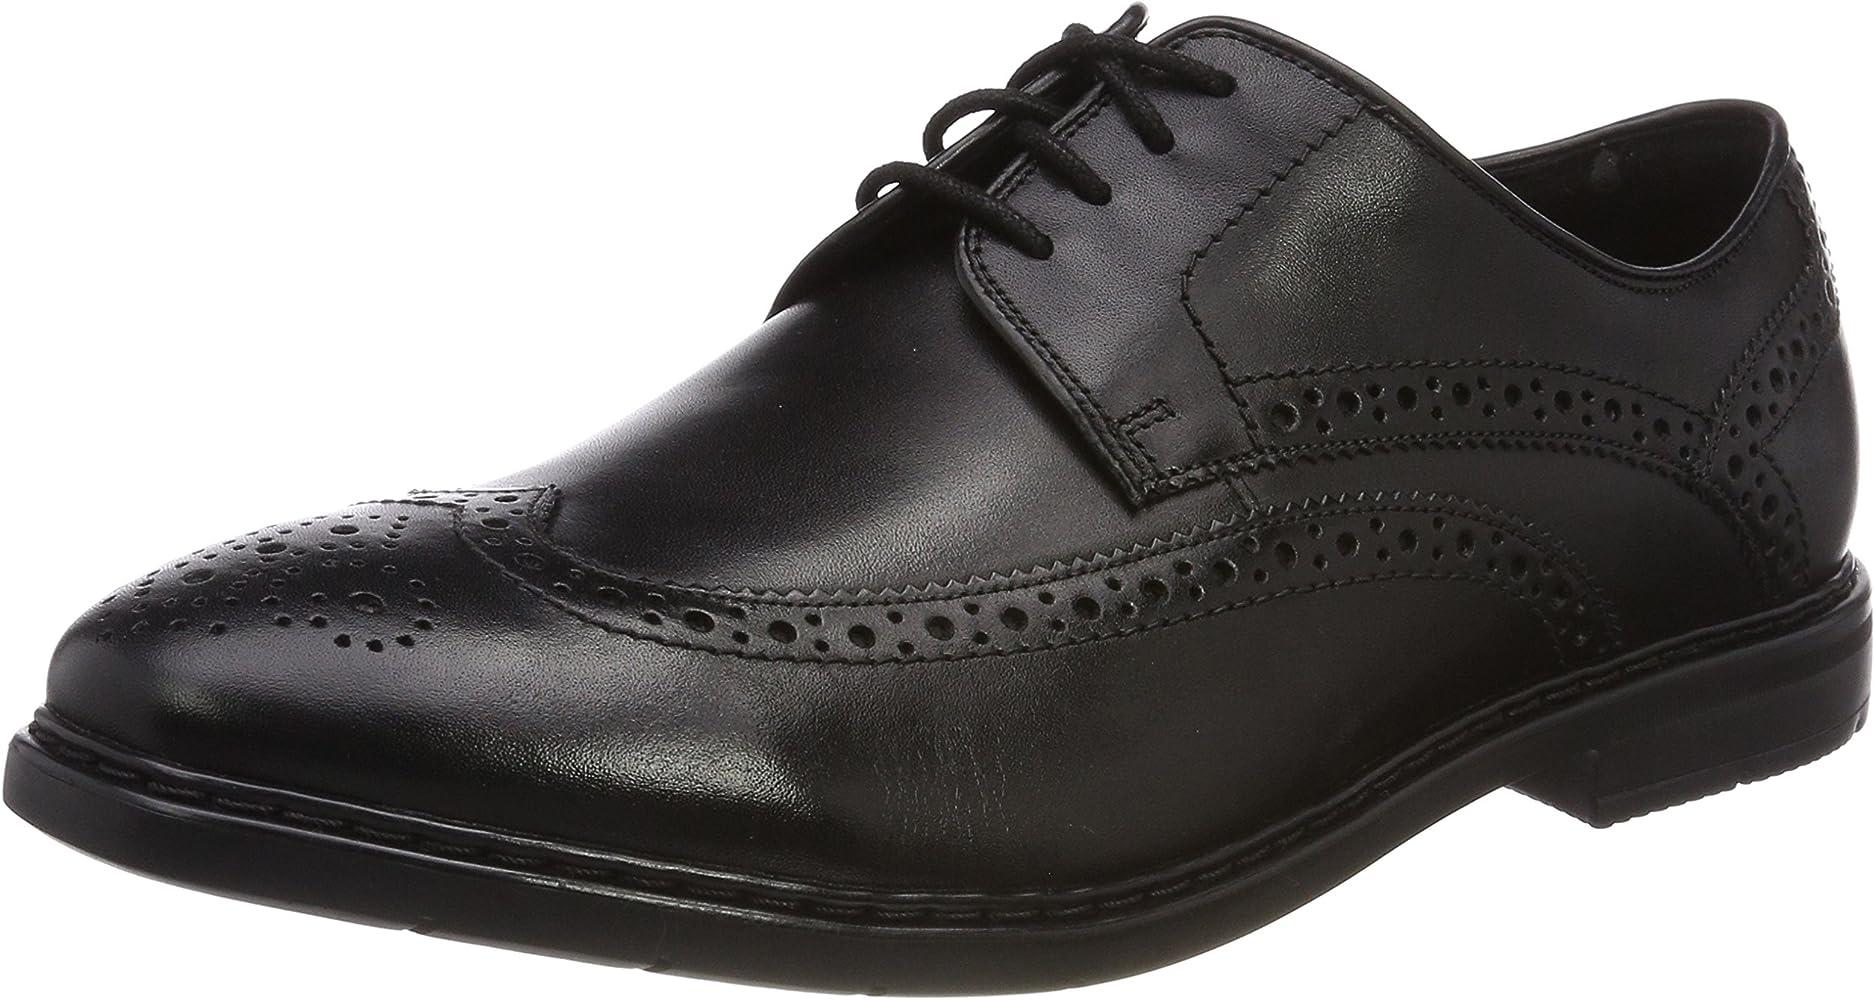 Clarks Shoes 26132242 Banbury Limit